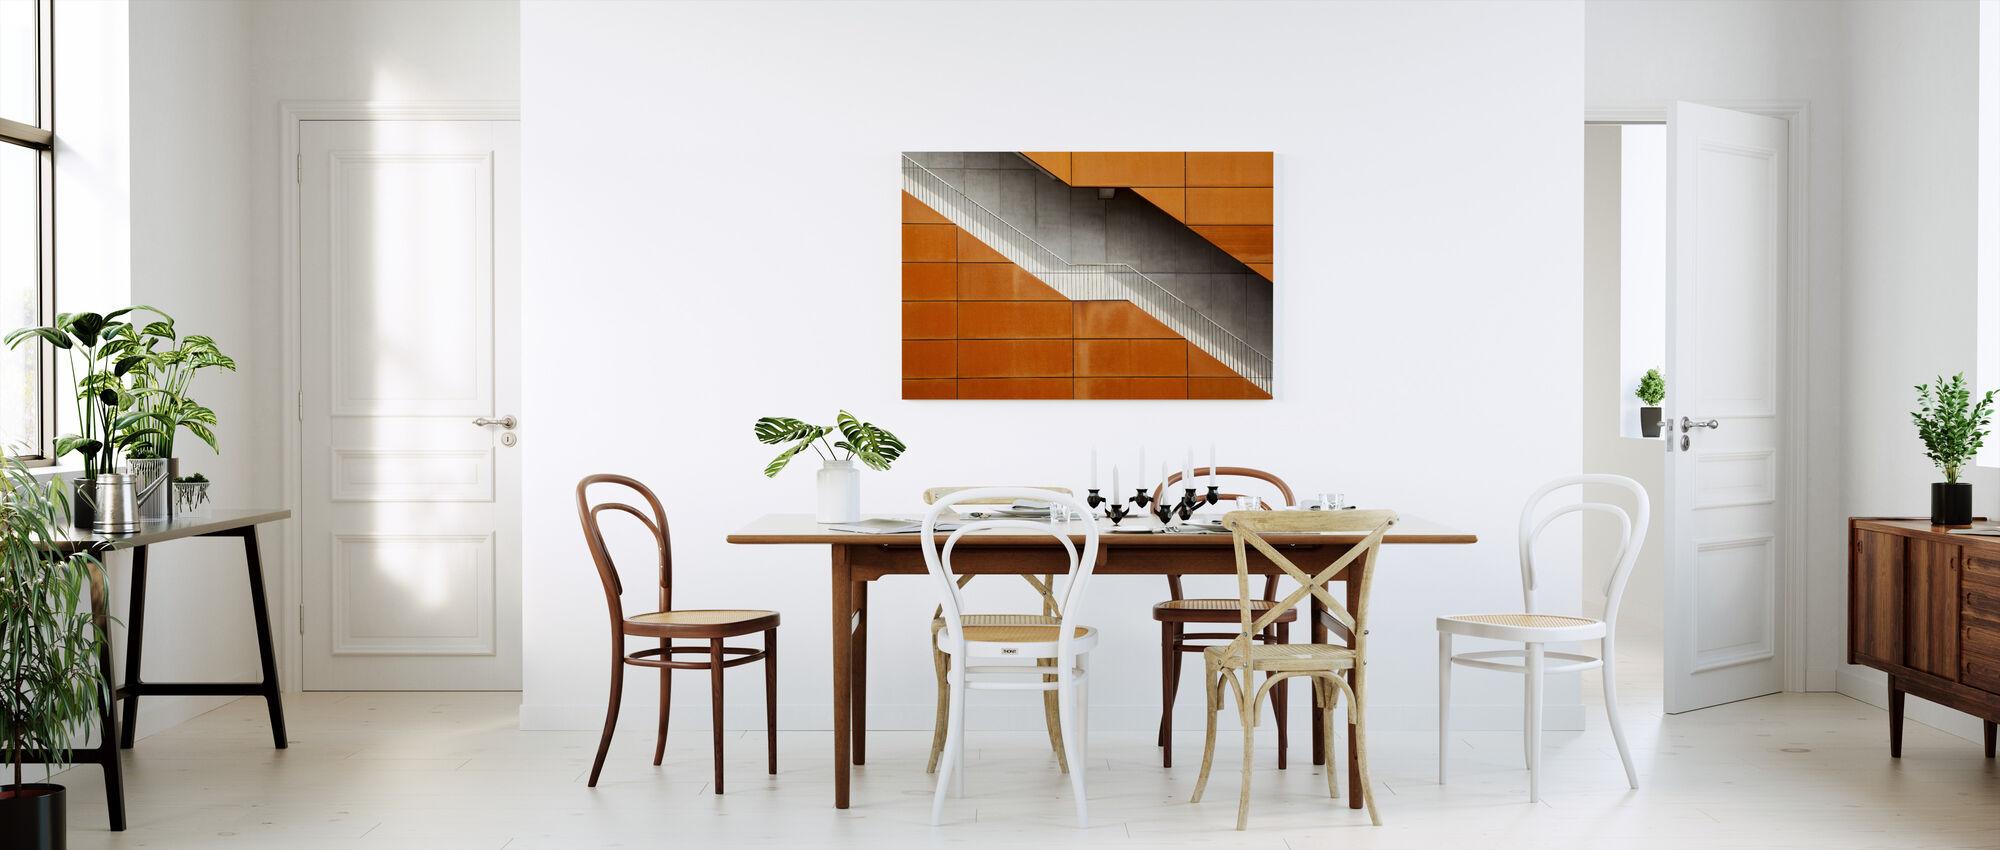 Orange trappe - Lerretsbilde - Kjøkken